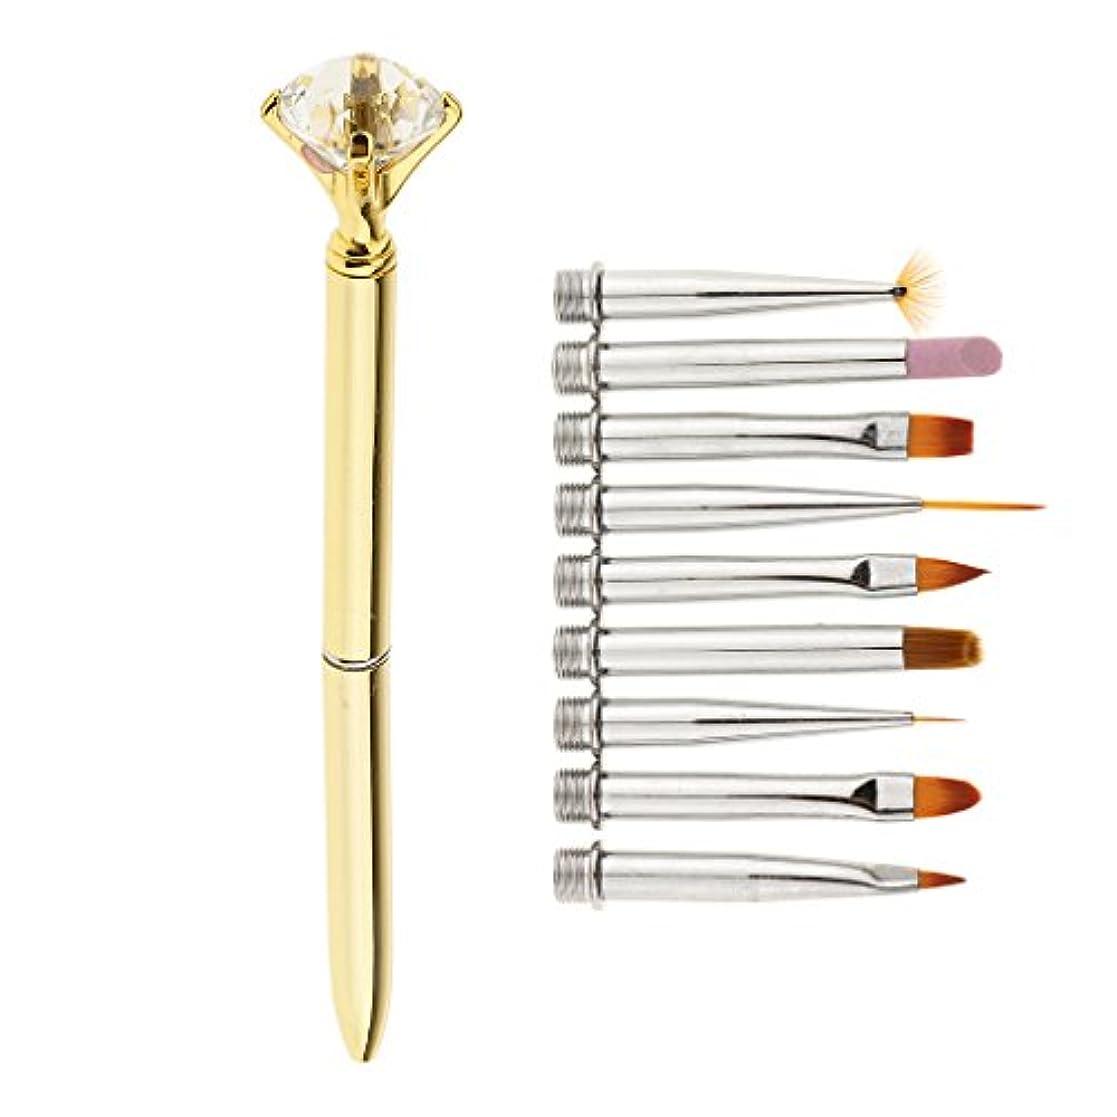 ペルメルのぞき見組み合わせPerfk 3色選べ ネイルアートブラシ 3D描画ペン ヘッド交換可能 アートツール サロン用 DIYスタイル 1セット - ゴールド